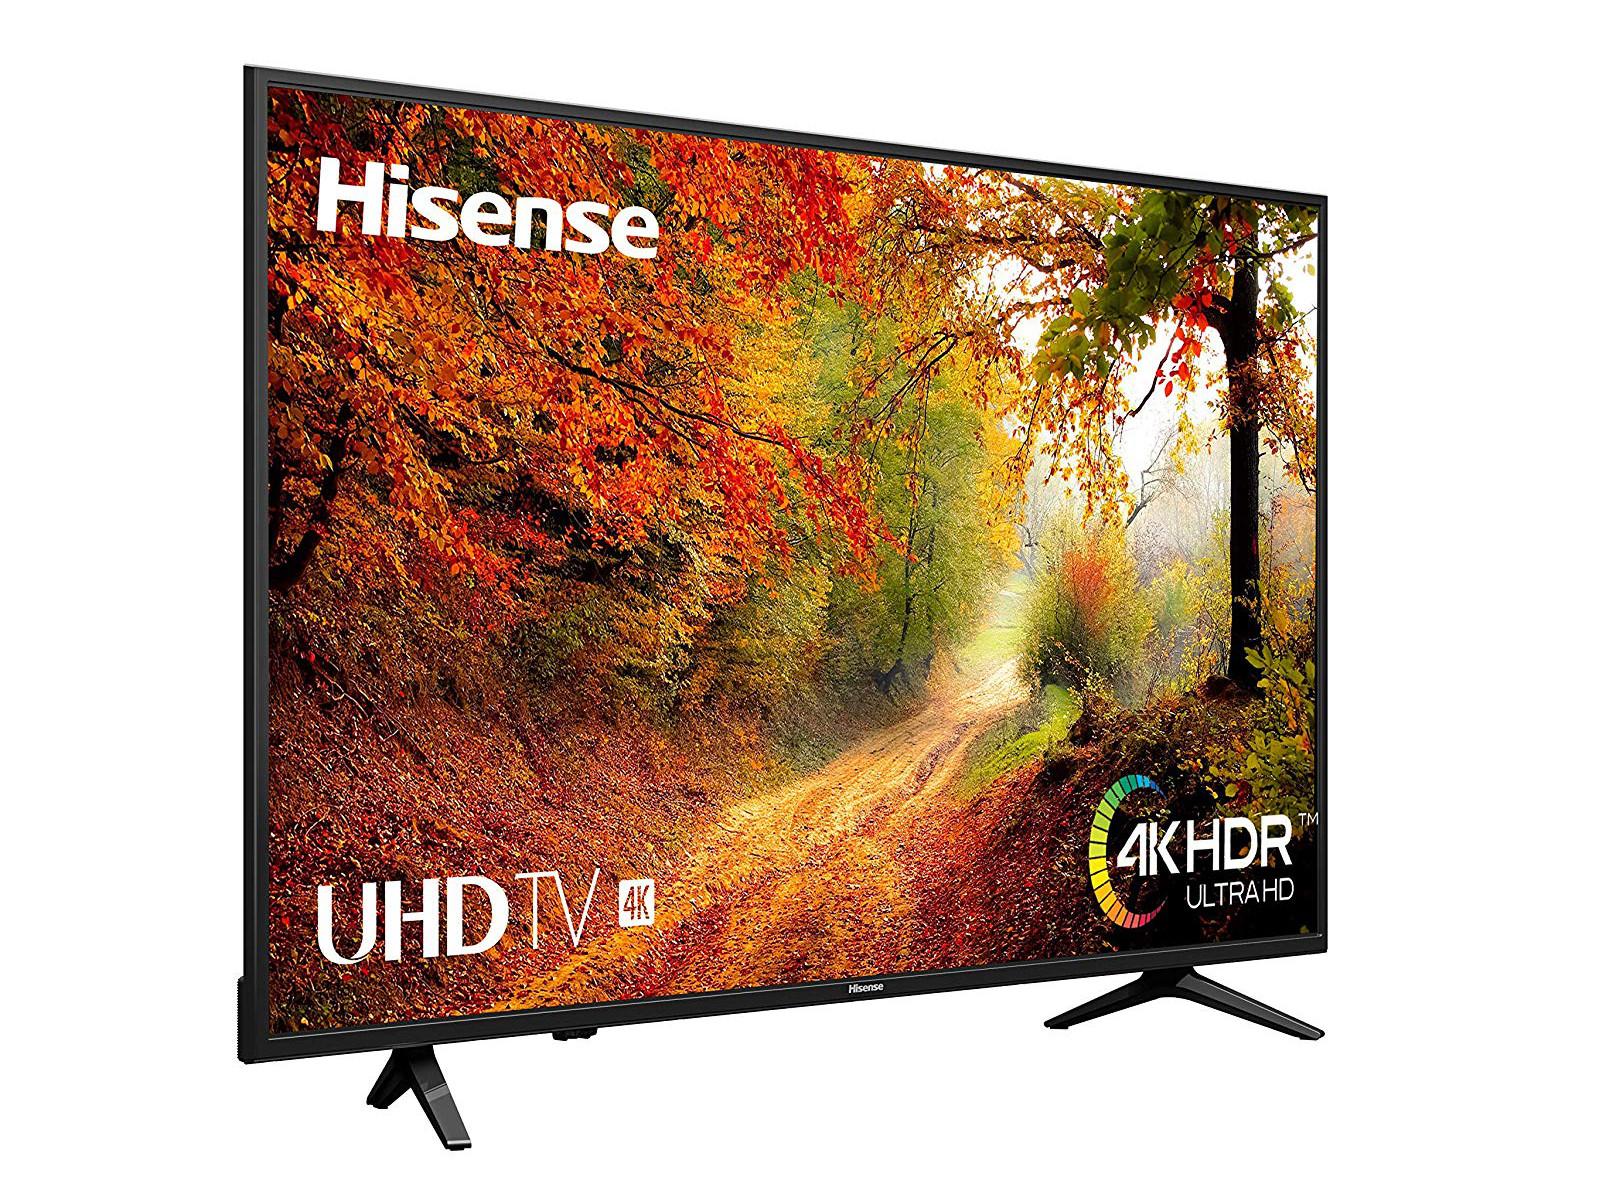 Une TV 4K HiSense de 50 pouces à 300 € (H50A6140)